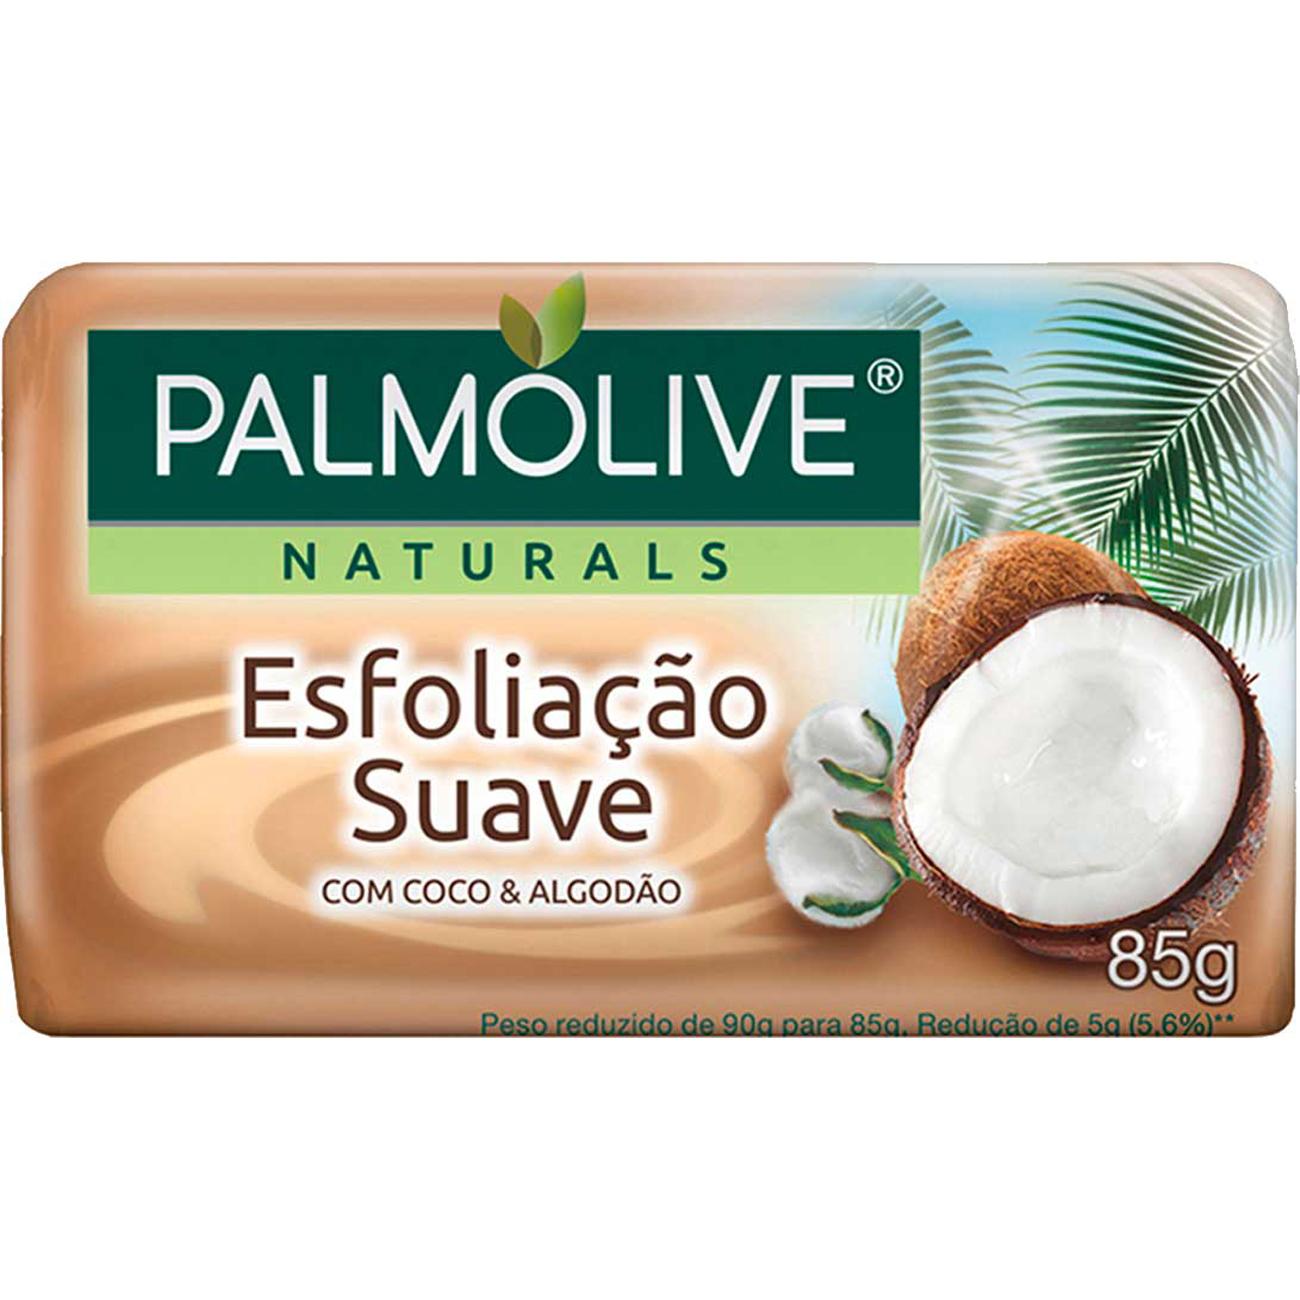 Sabonete em Barra Palmolive Naturals Esfoliacao Suave 85G